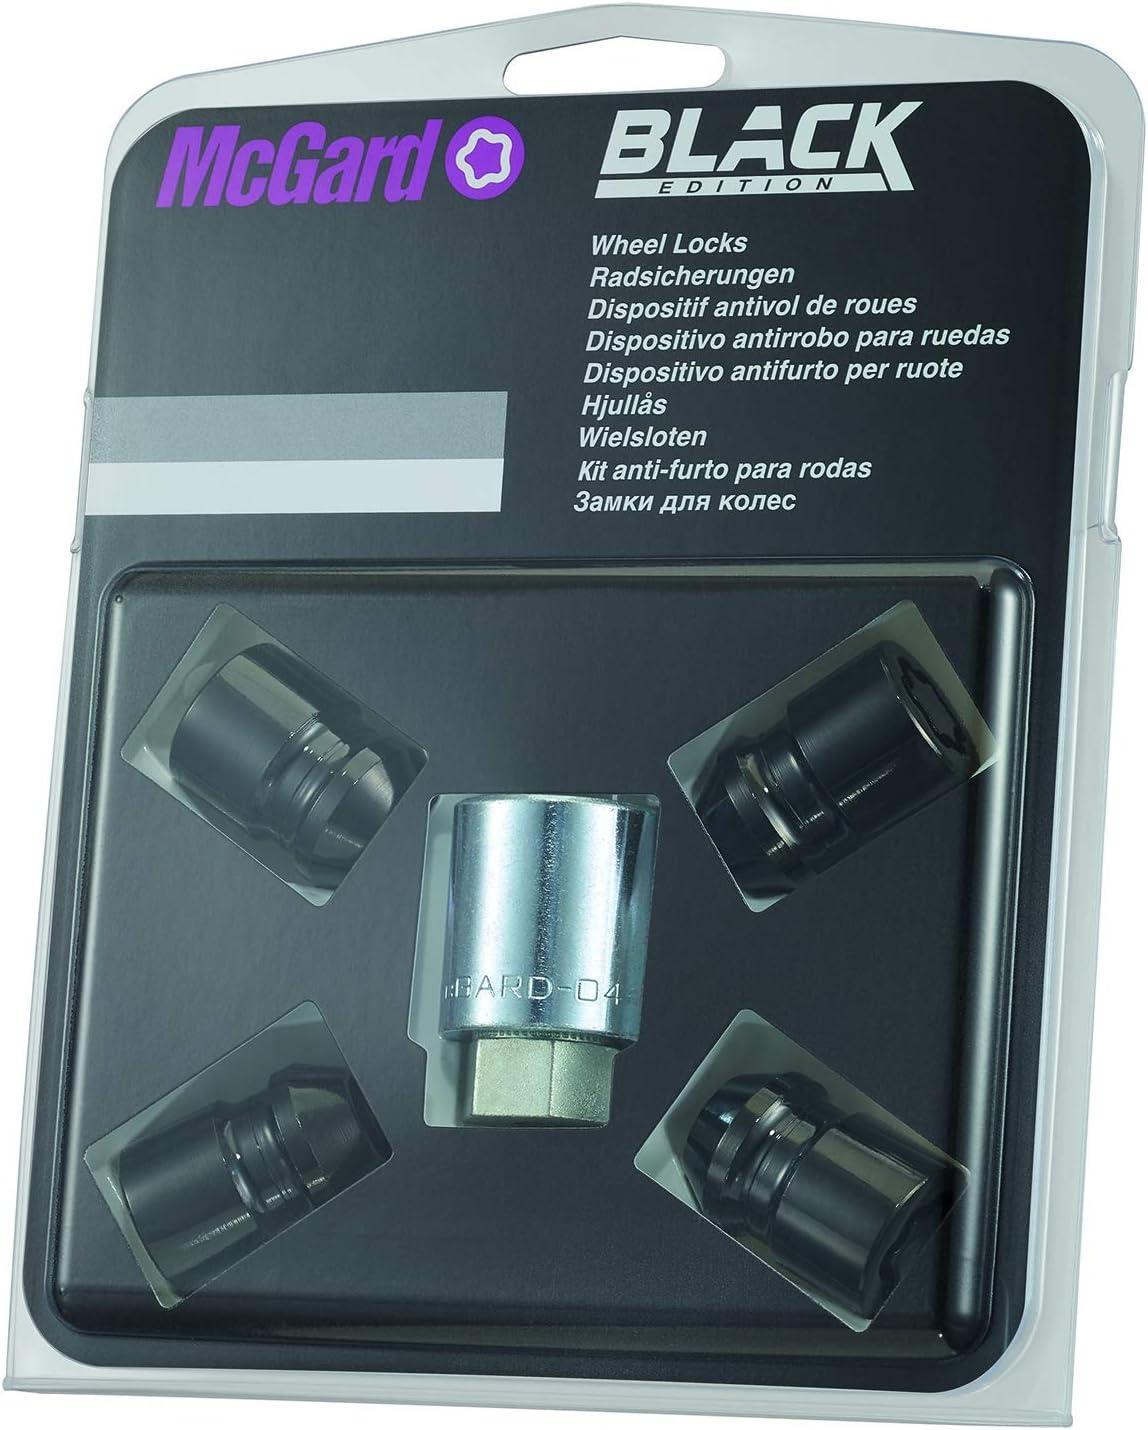 Ouverture 17 mm McGard 27112 Antivol SUB Diam/ètre de la Cl/é 25,8 mm Tige 36,3 mm Noir M12X1.5 Embase Conique Longueur Totale du Boulon 61,0 mm